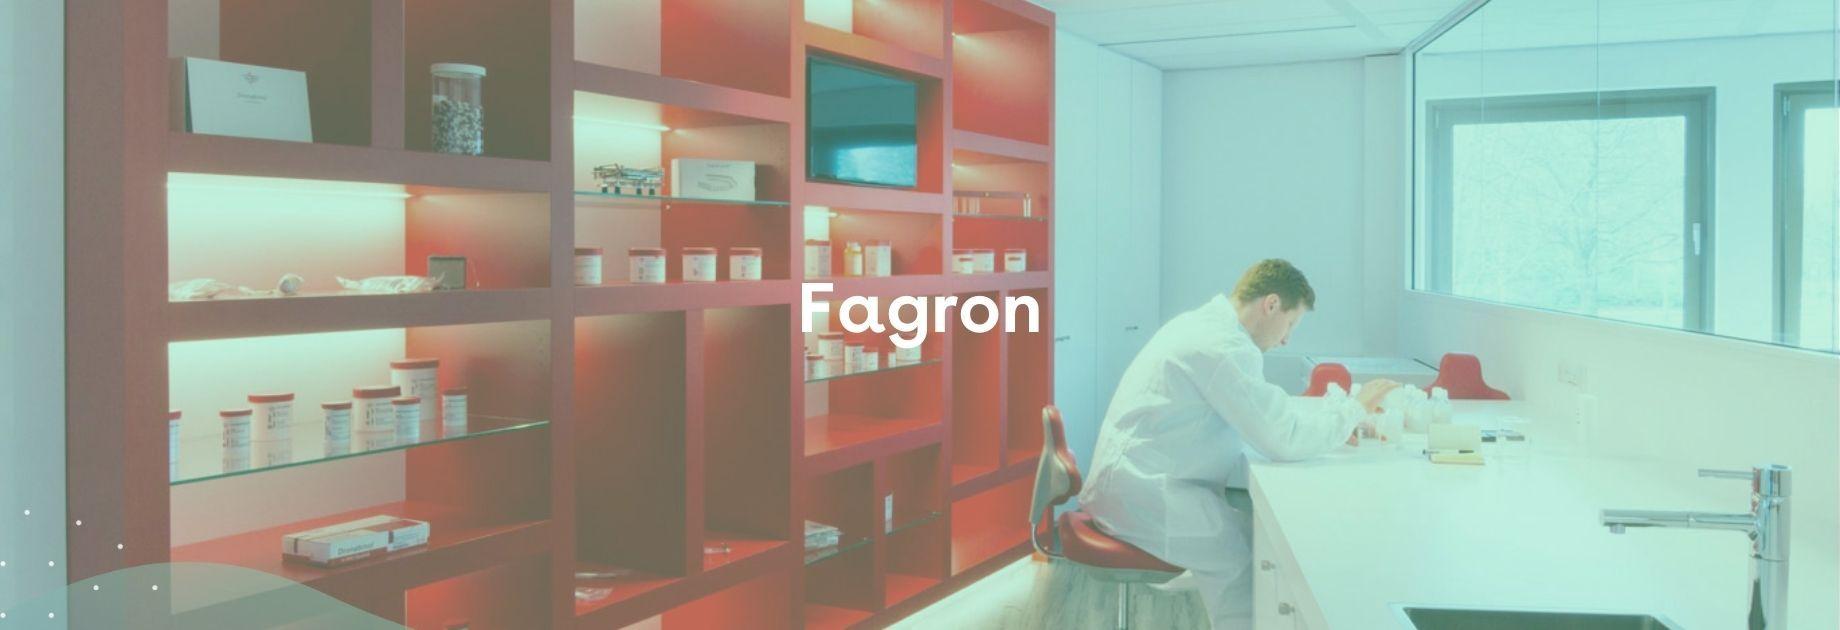 Ciclo de reembolso Fagron